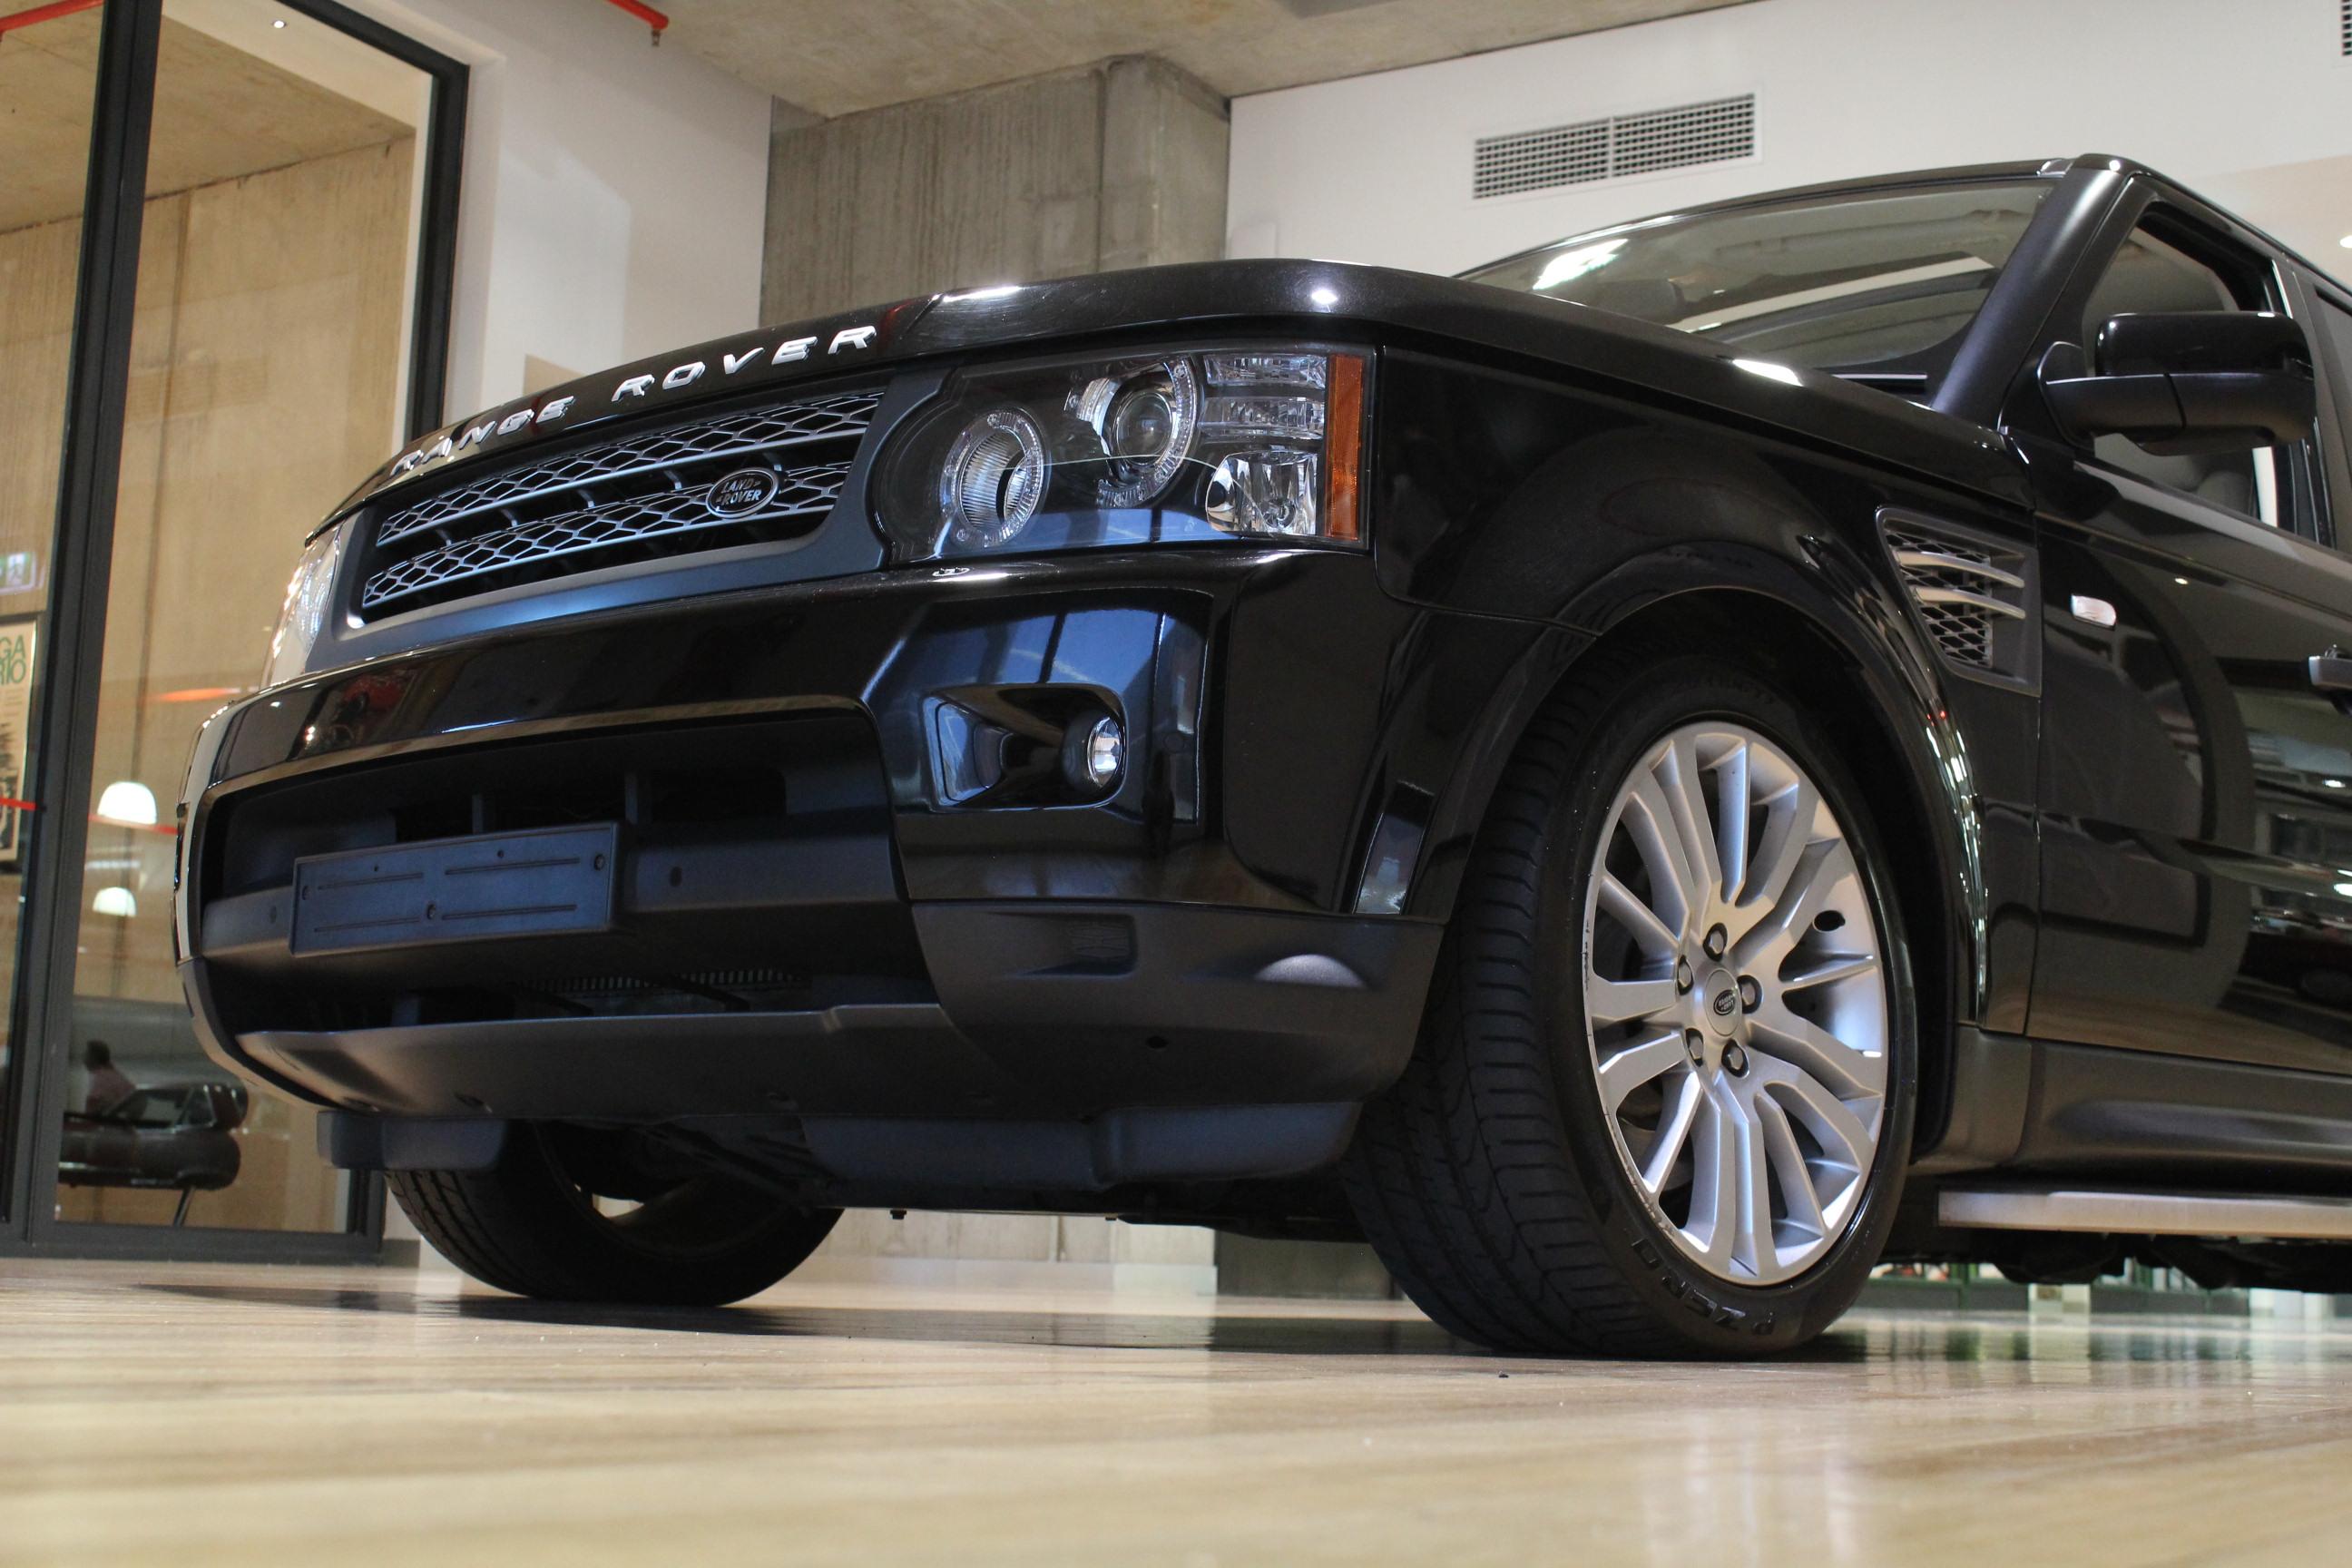 2010 land rover range rover sport l320 tdv8 wagon 5dr spts for Land rover tarbes garage moderne